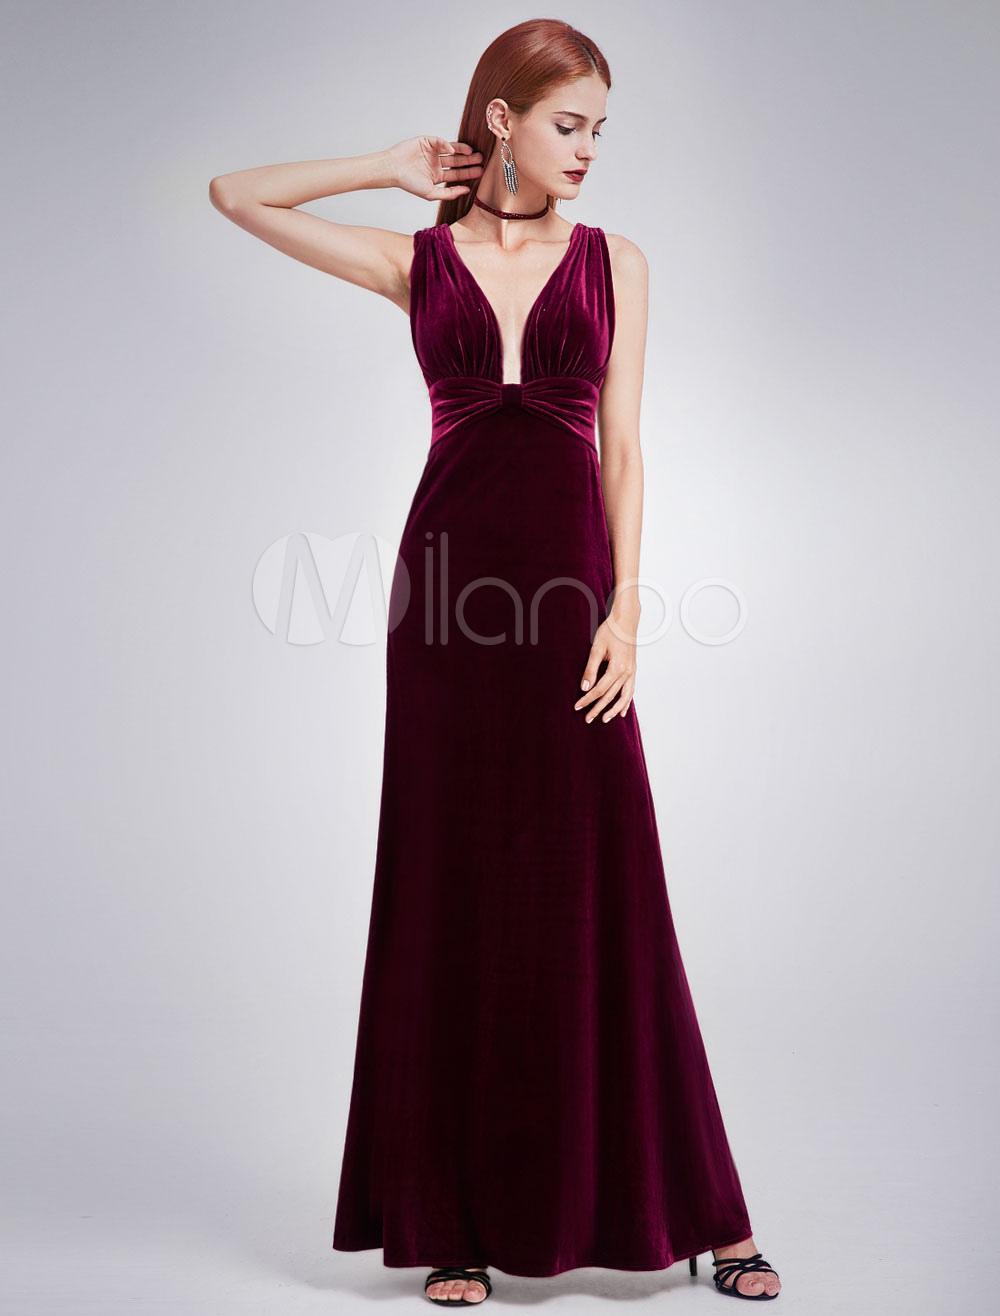 Buy Velvet Evening Dress V Neck Long Prom Dress Ruched Sleeveless Floor Length Formal Dress for $118.79 in Milanoo store